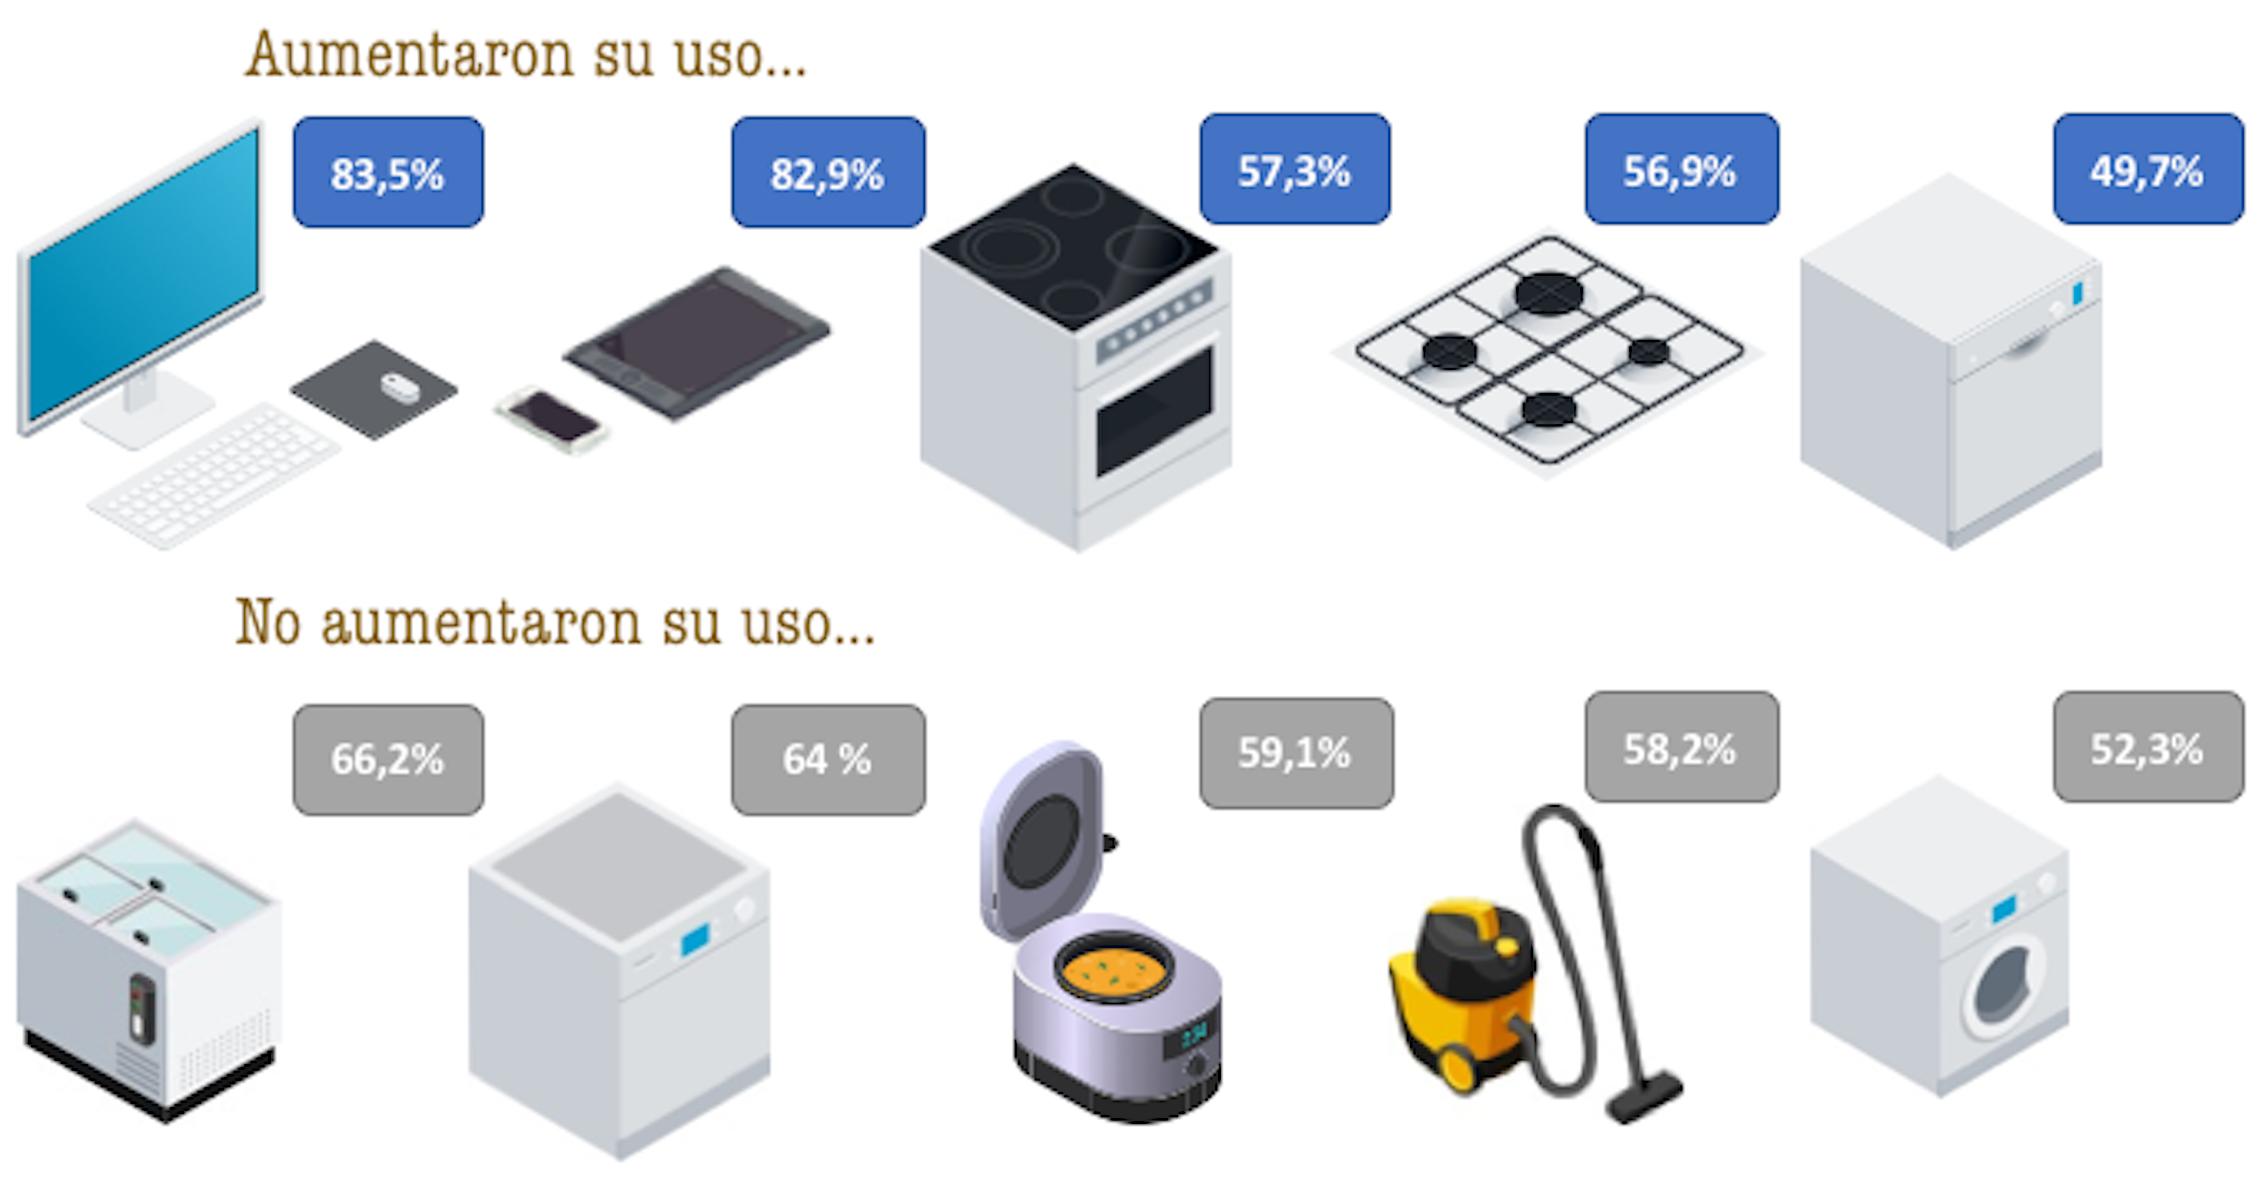 Incremento de uso del equipamiento doméstico durante el confinamiento.Elaboración propia a partir de los resultados del proyecto COVID-HAB,Author provided